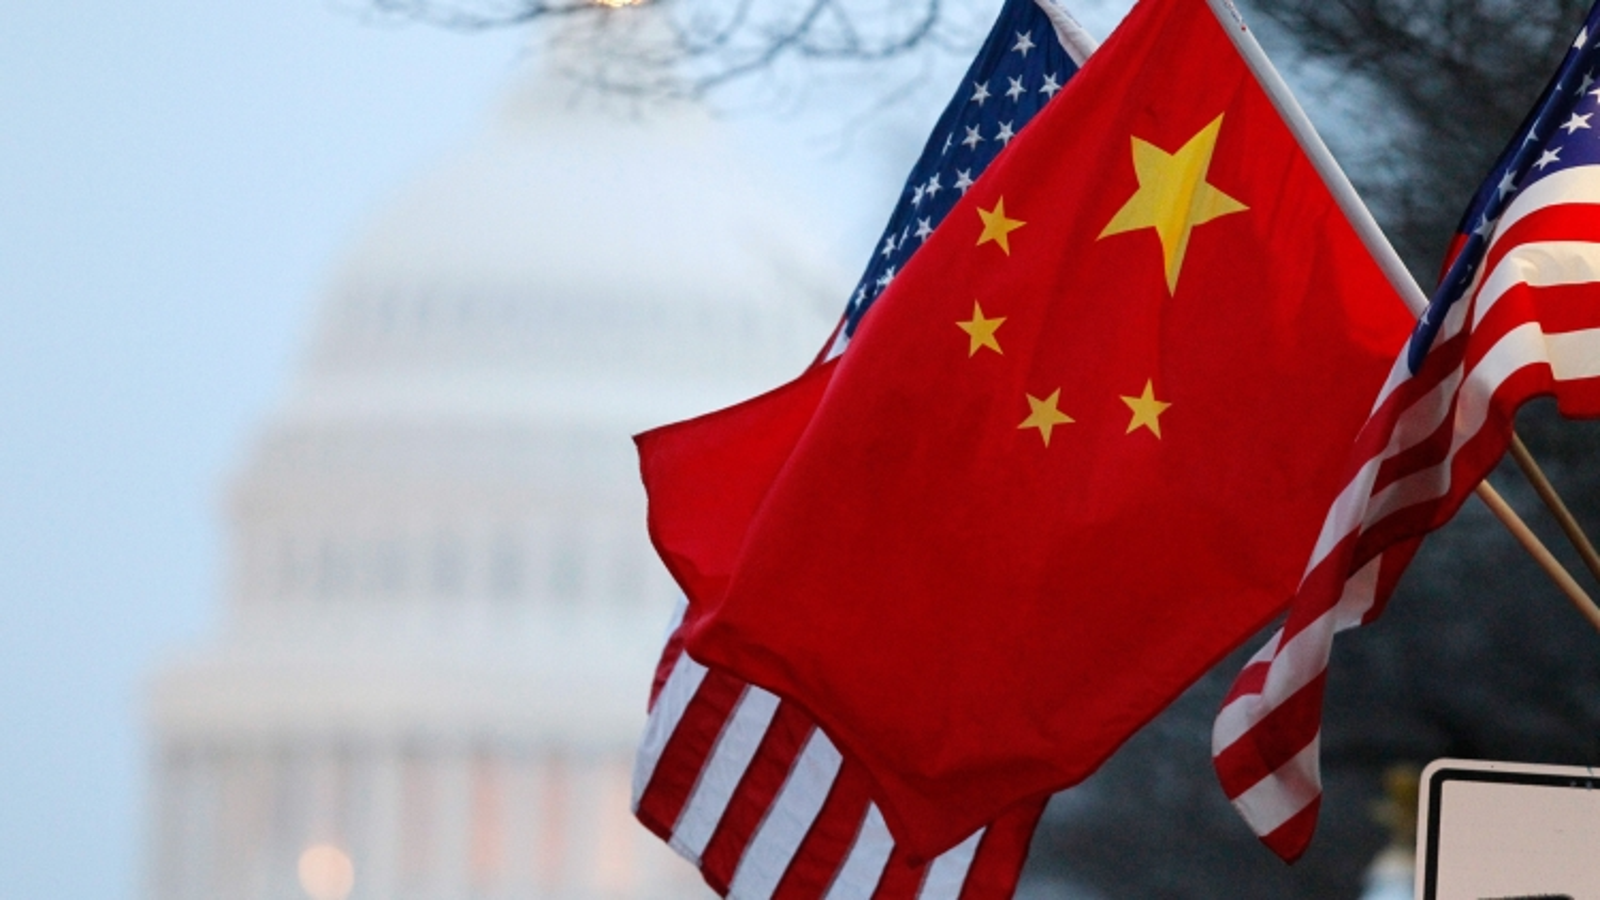 Mỹ-Trung cảnh báo lẫn nhau trước chuyến thăm Trung Quốc của Thứ trưởng Ngoại giao Mỹ